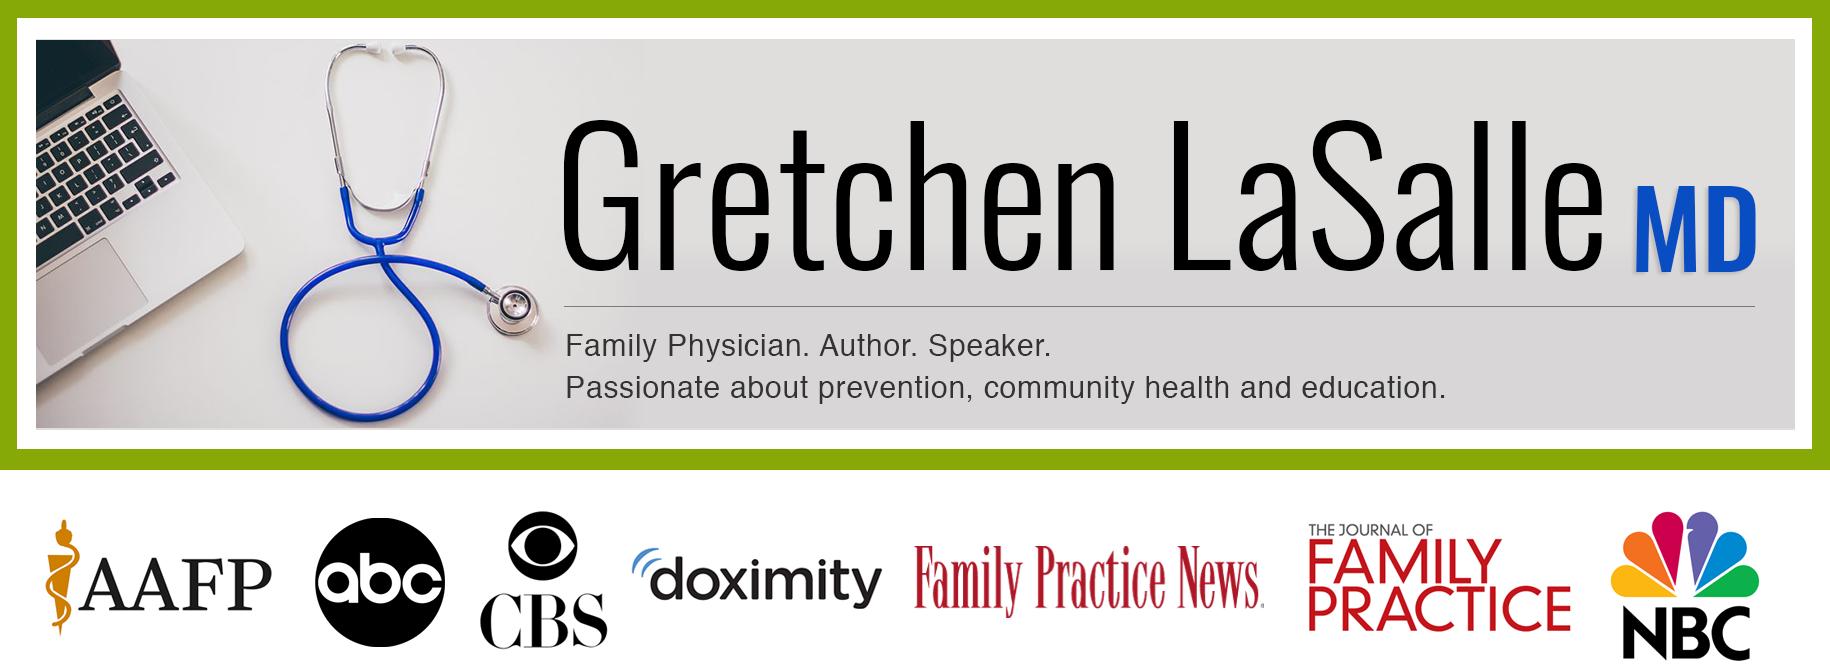 Gretchen LaSalle MD